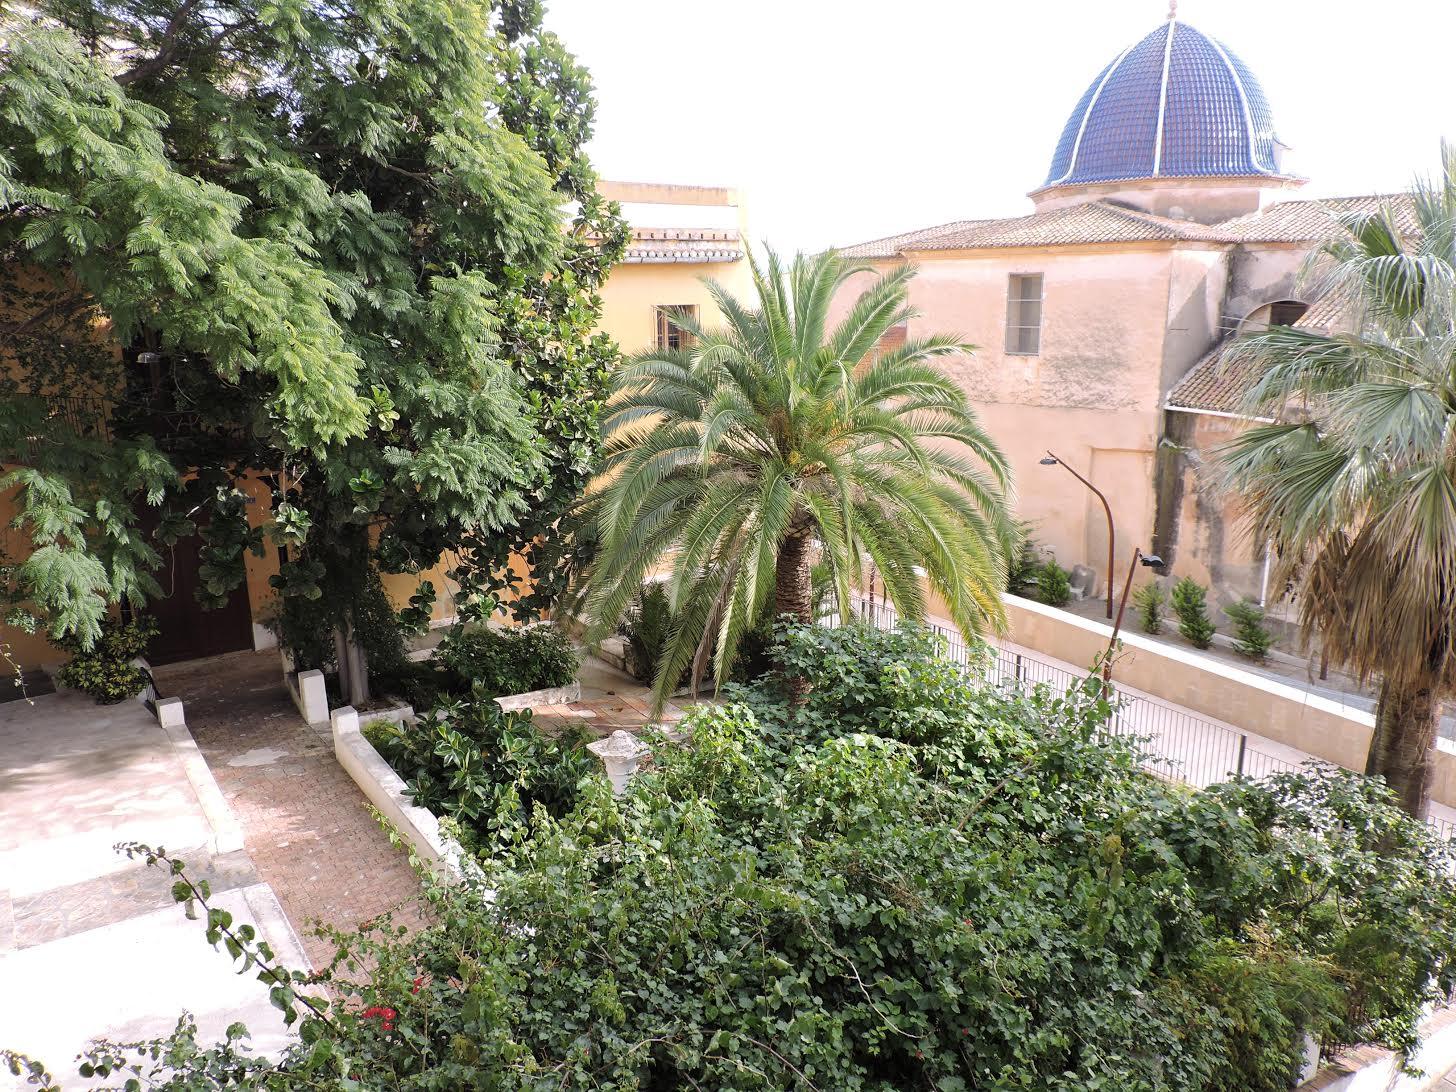 Acuerdo entre Dénia y la Iglesia para abrir al público los jardines del antiguo Hospital